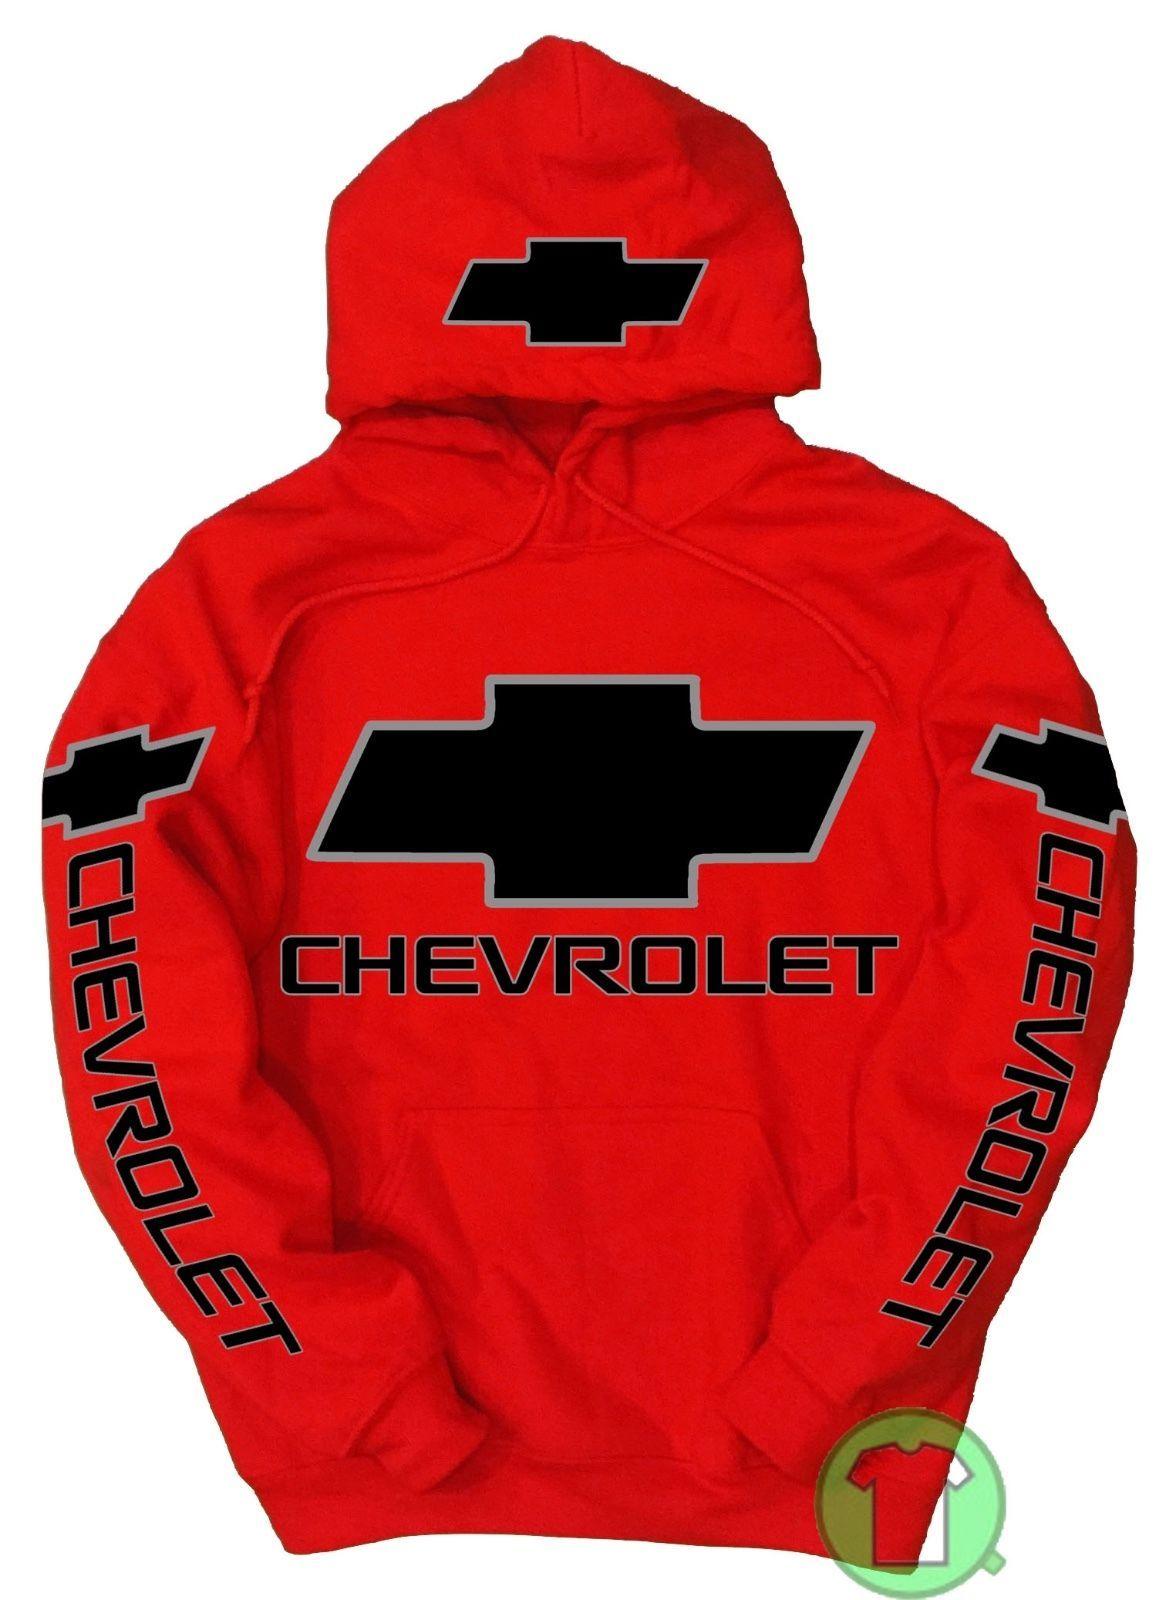 Chevrolet Black Logo Pullover Red Hoodie Chevy Buy Any 2 Hoodies Get Free Tee Red Hoodie Black Logo Free Tees [ 1600 x 1176 Pixel ]